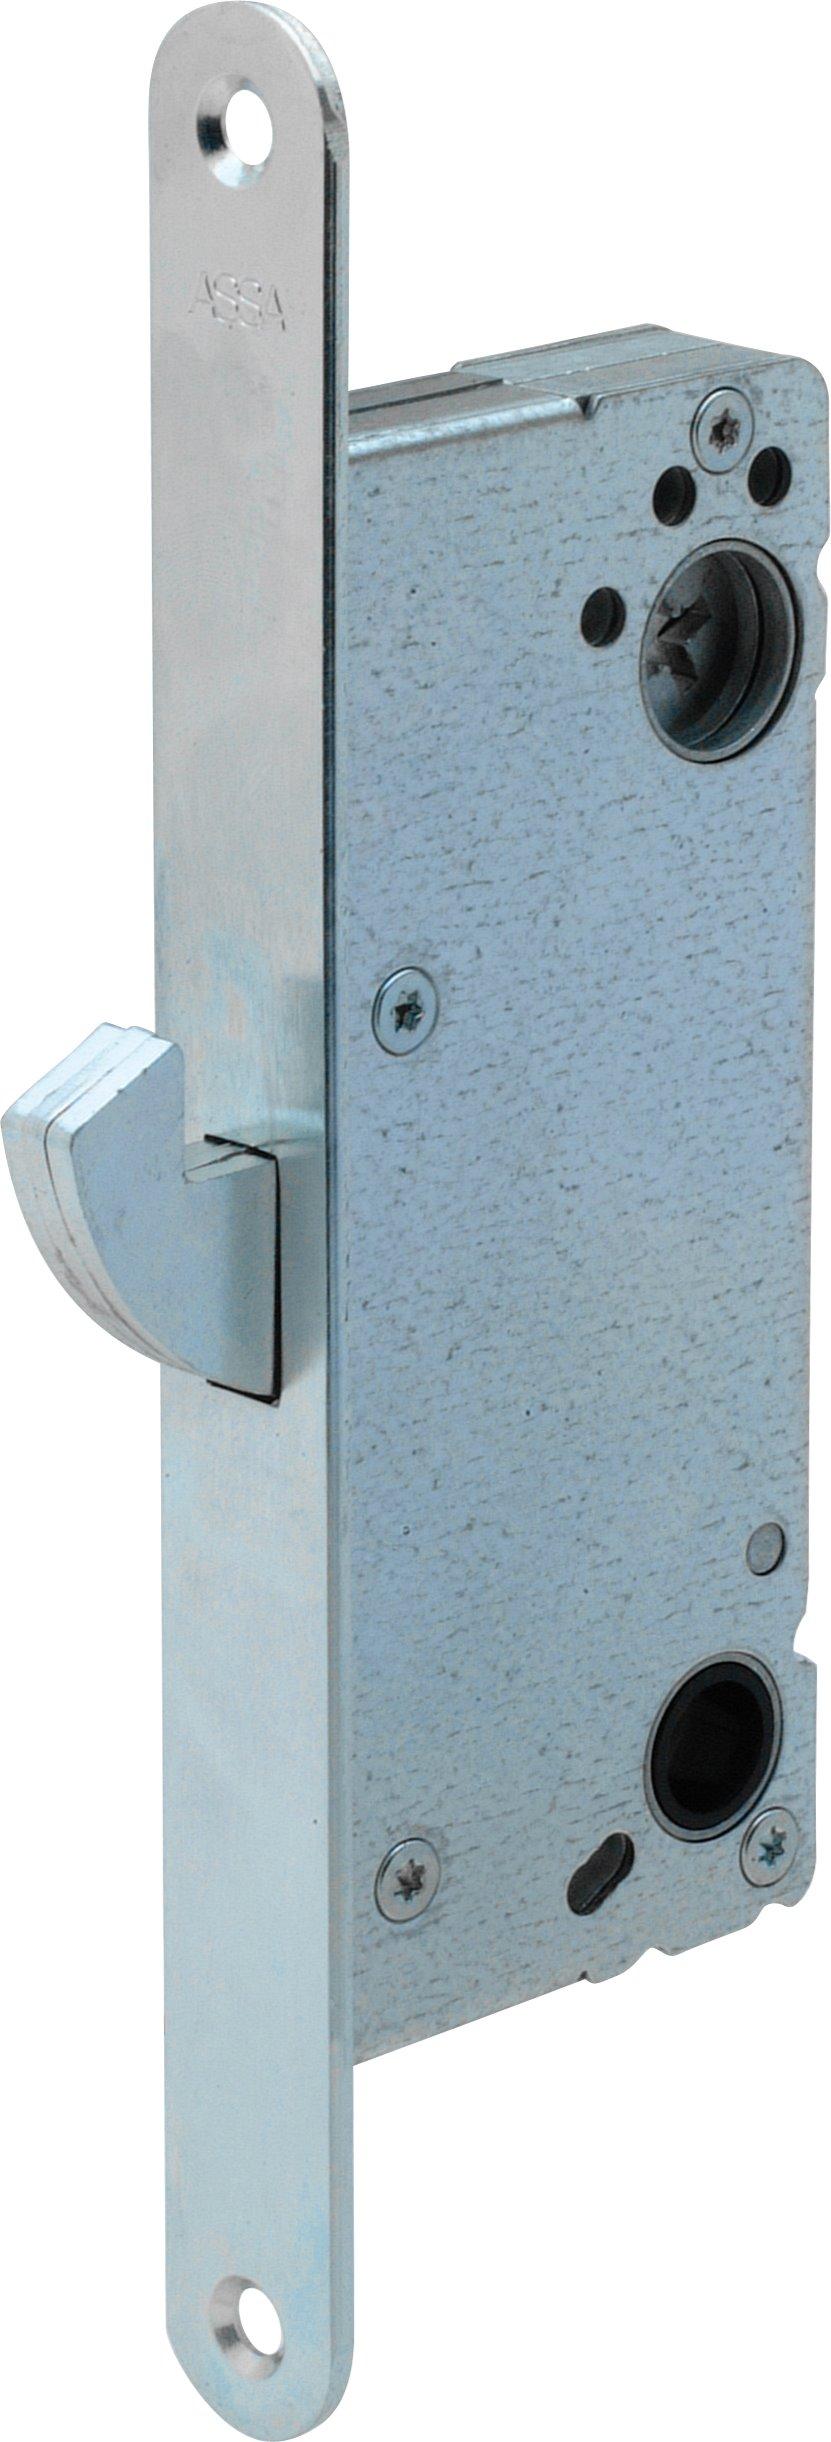 Lock case 411